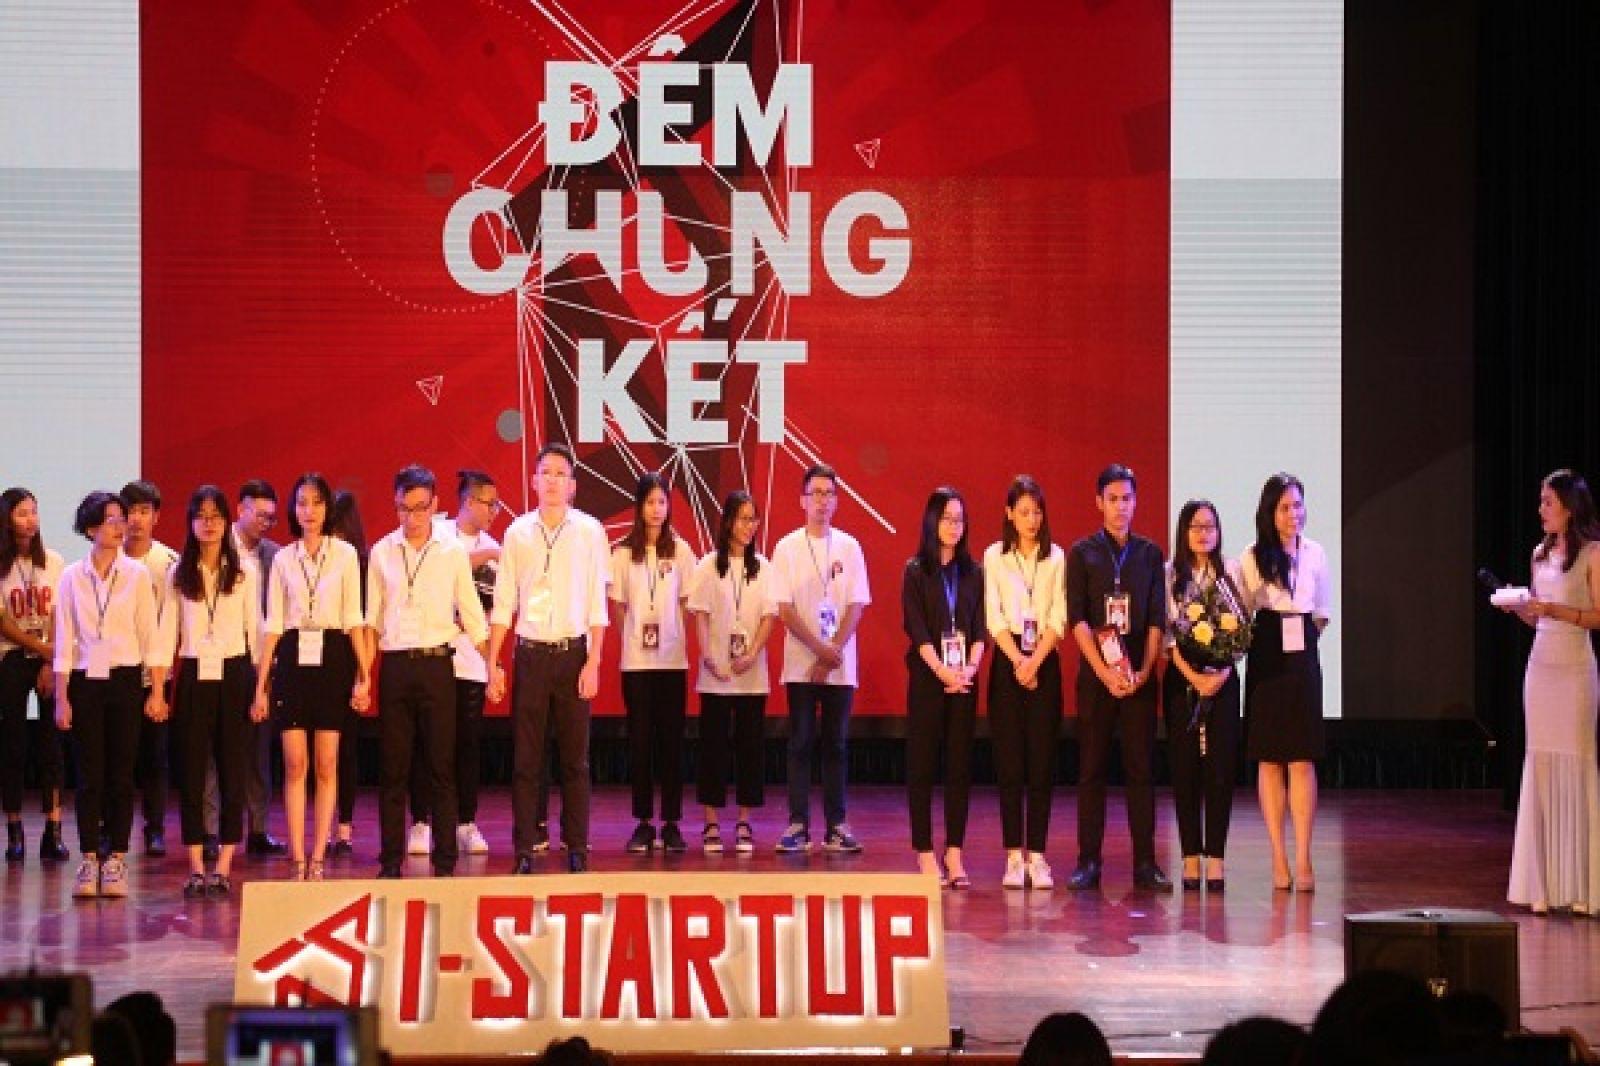 Giây phút 2 đội hồi hộp đợi công bố kết quả Quán quân của Cuộc thi Khởi nghiệp I - StartUp 2019